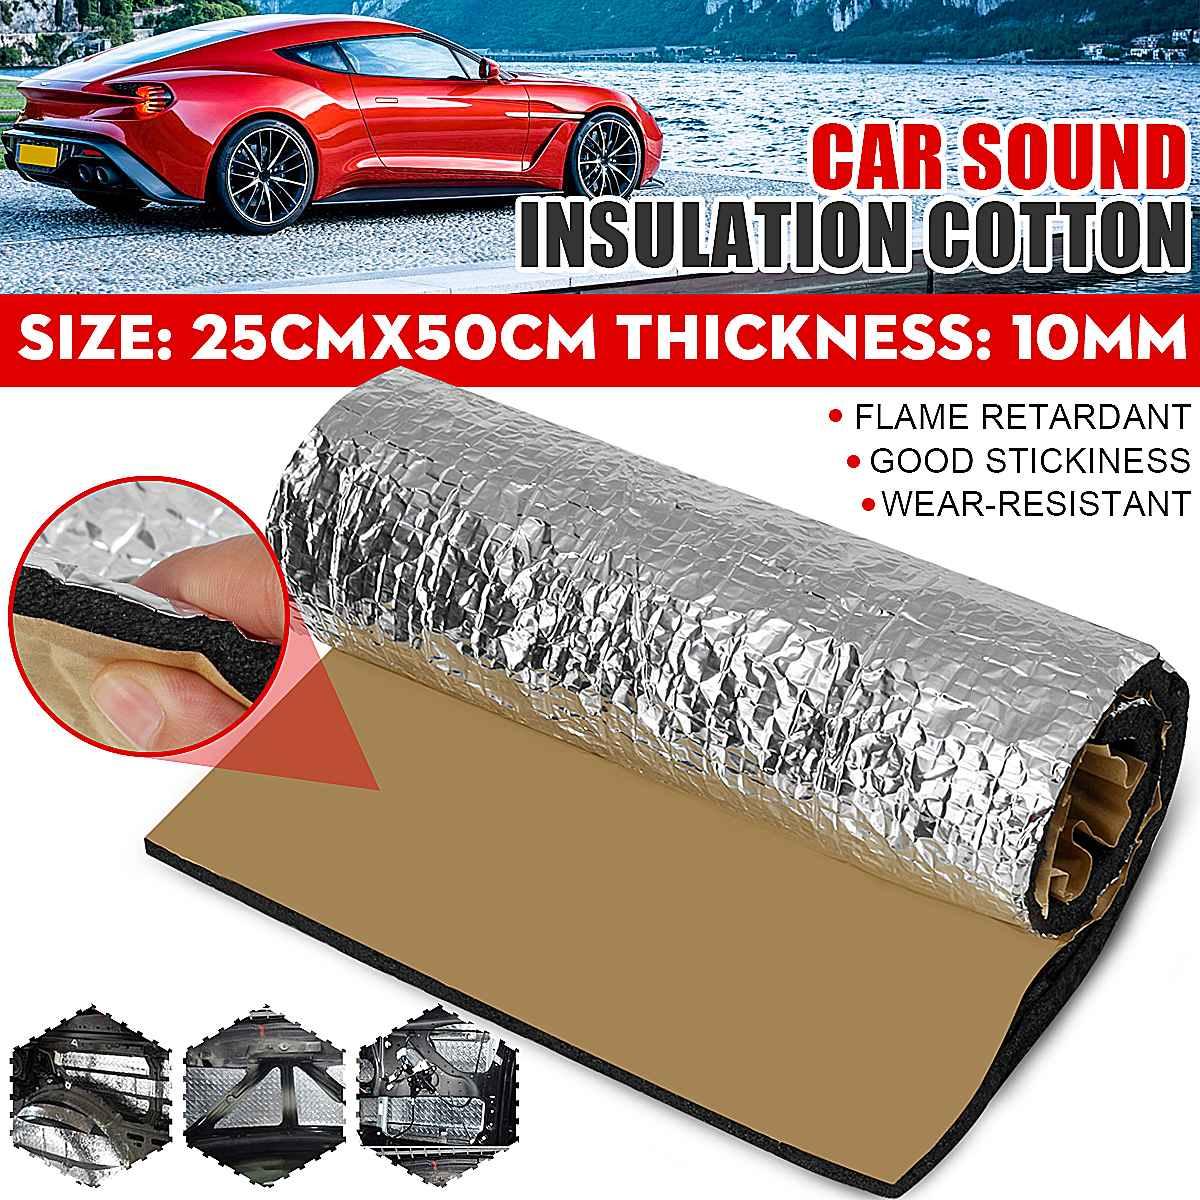 25x50 سنتيمتر سيارة الصوت المميت القطن عازلة للصوت حصيرة عازل للضوضاء درع 10 مللي متر رغوة الألومنيوم